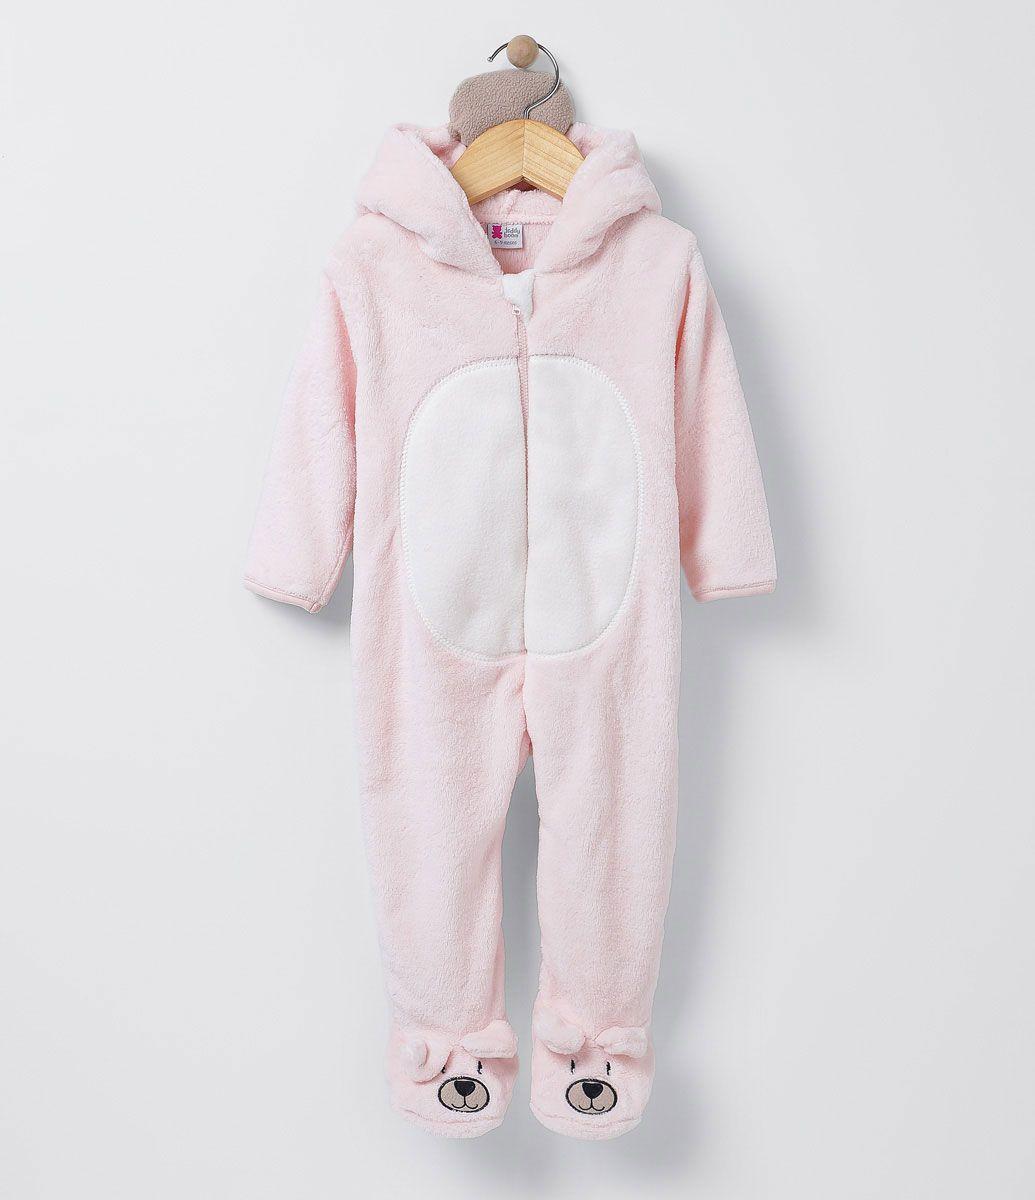 Macacão infantil Com capuz e pezinhos de ursinho Marca  Teddy Boom Tecido   Fleece Sem ffc91d270e6